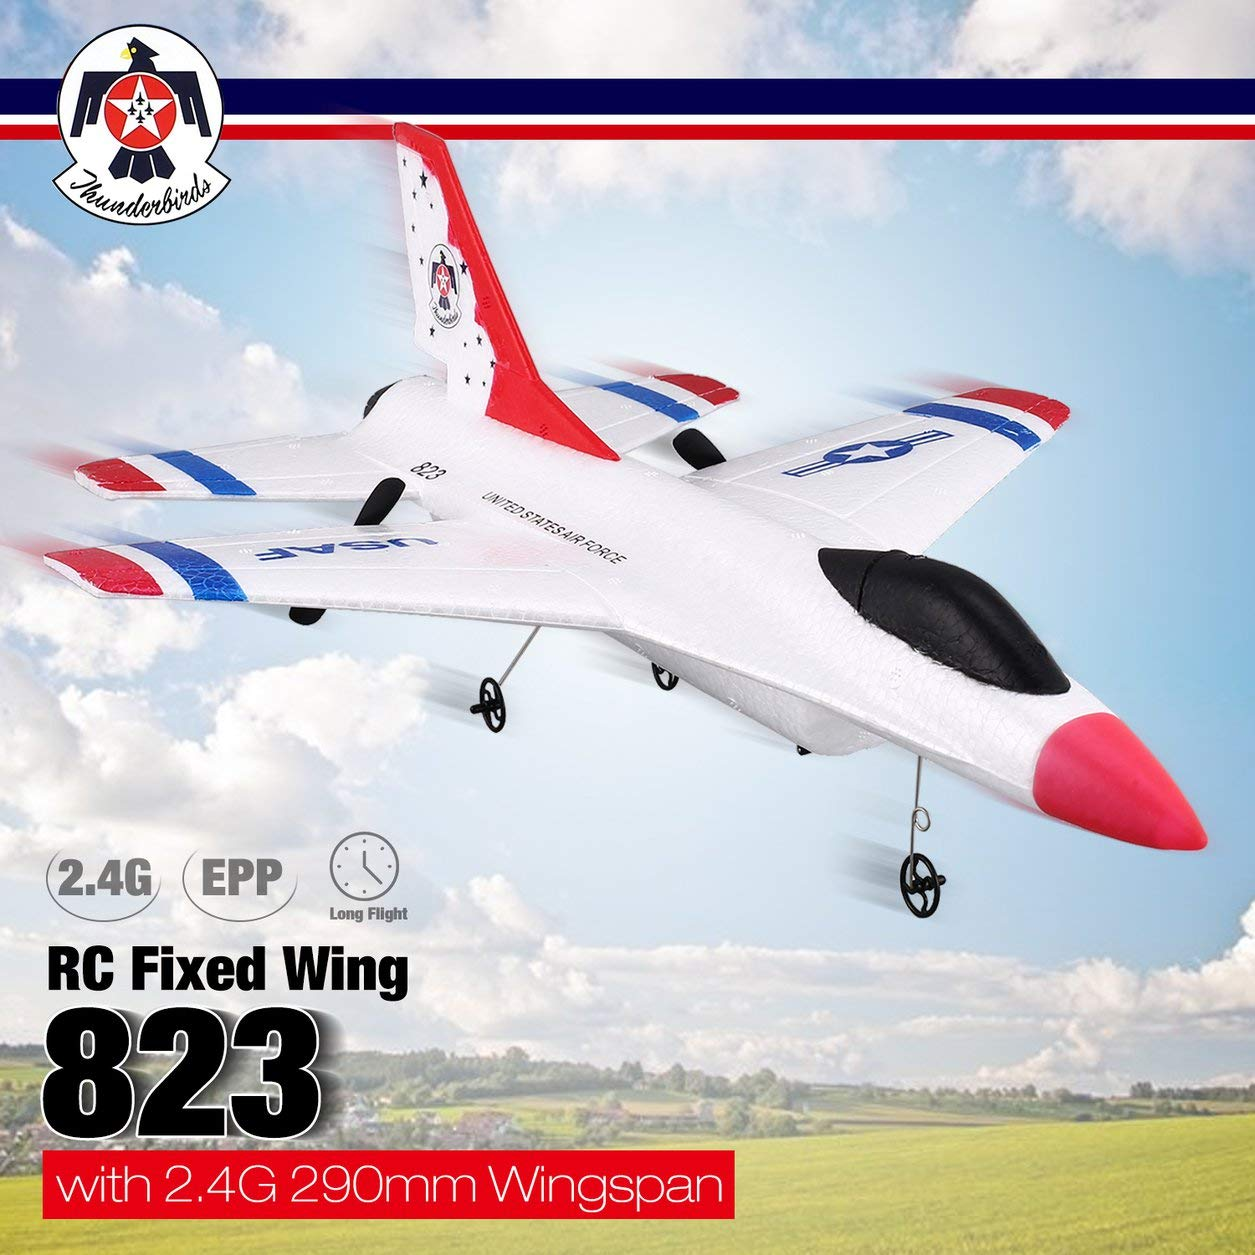 Dailyinshop Dailyinshop Dailyinshop FX-823 2,4G 2CH Fernbedienung Segelflugzeug 290mm Spannweite EPP RC Fixed Wing Flugzeug Flugzeug Fernbedienung Drohne für Kind Geschenk RTF (Farbe  Weiß) 55d43a